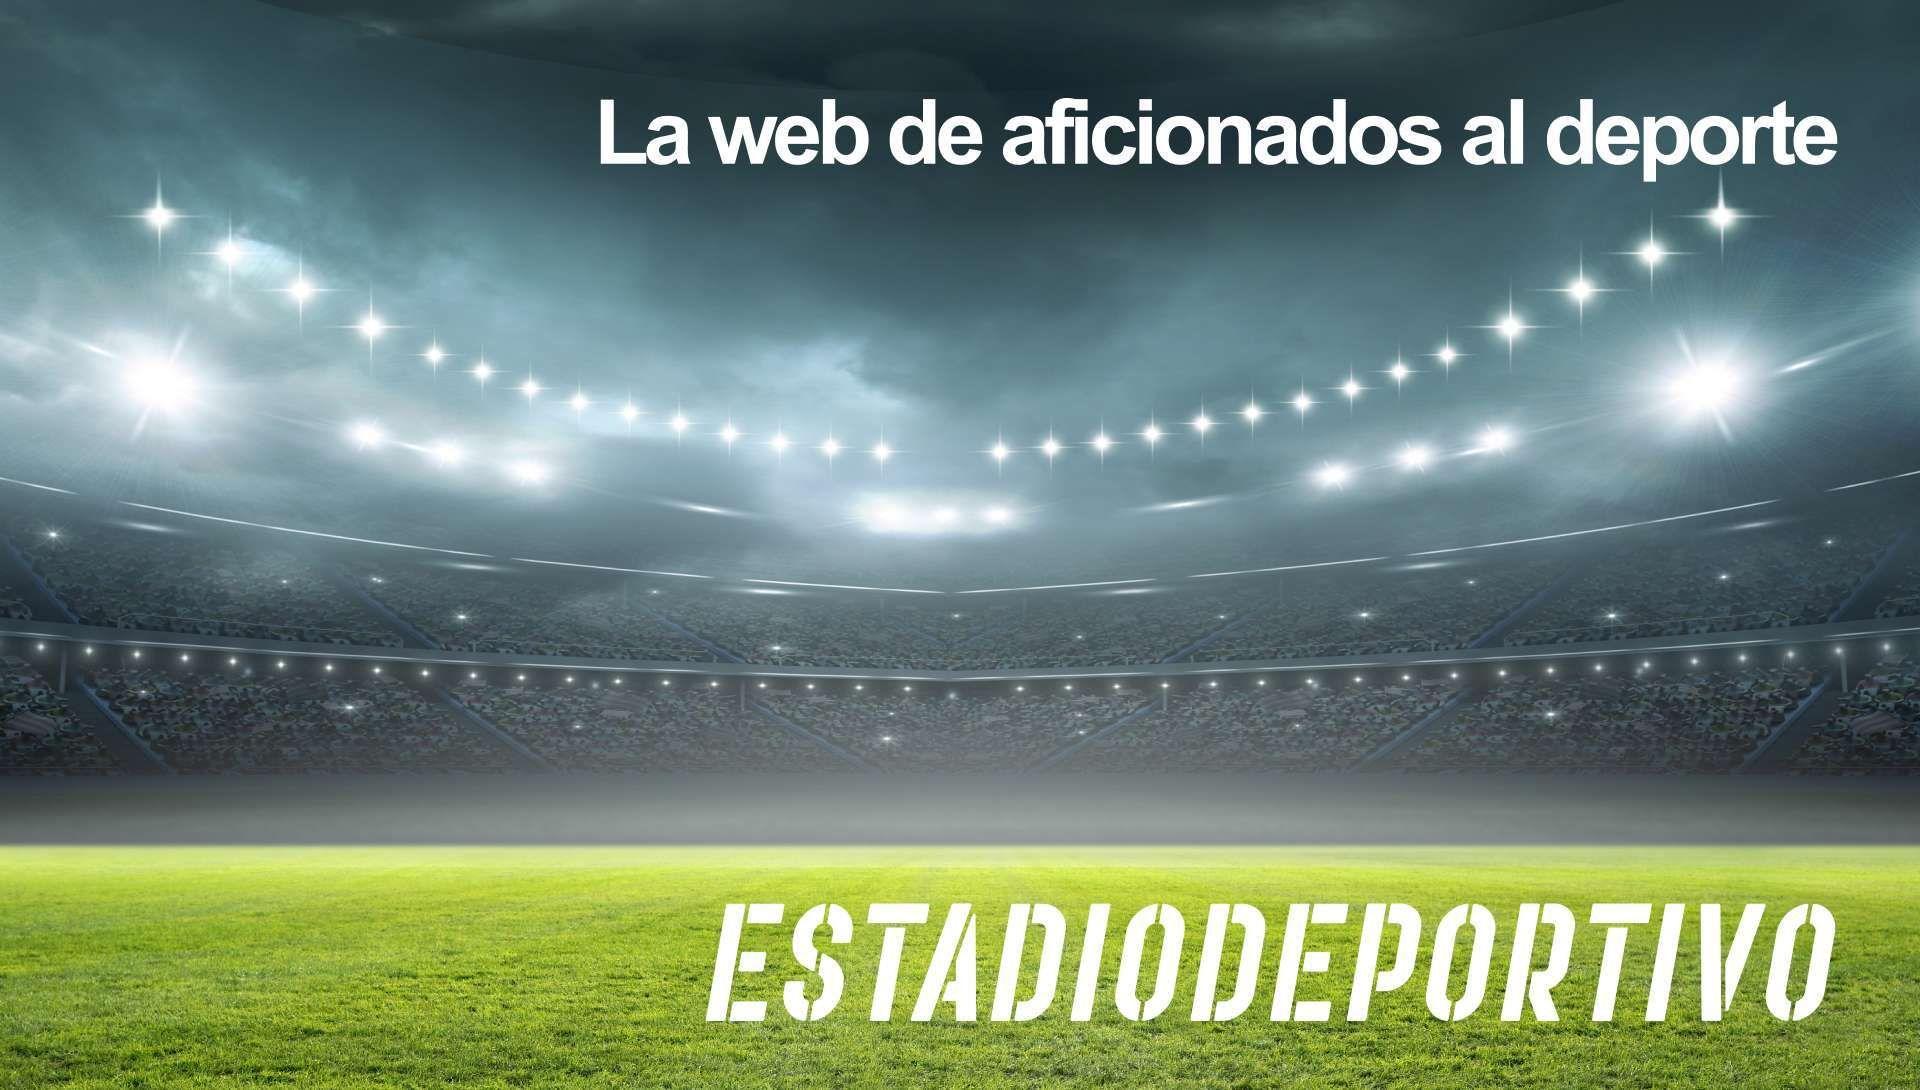 Las portadas del lunes 29 de marzo